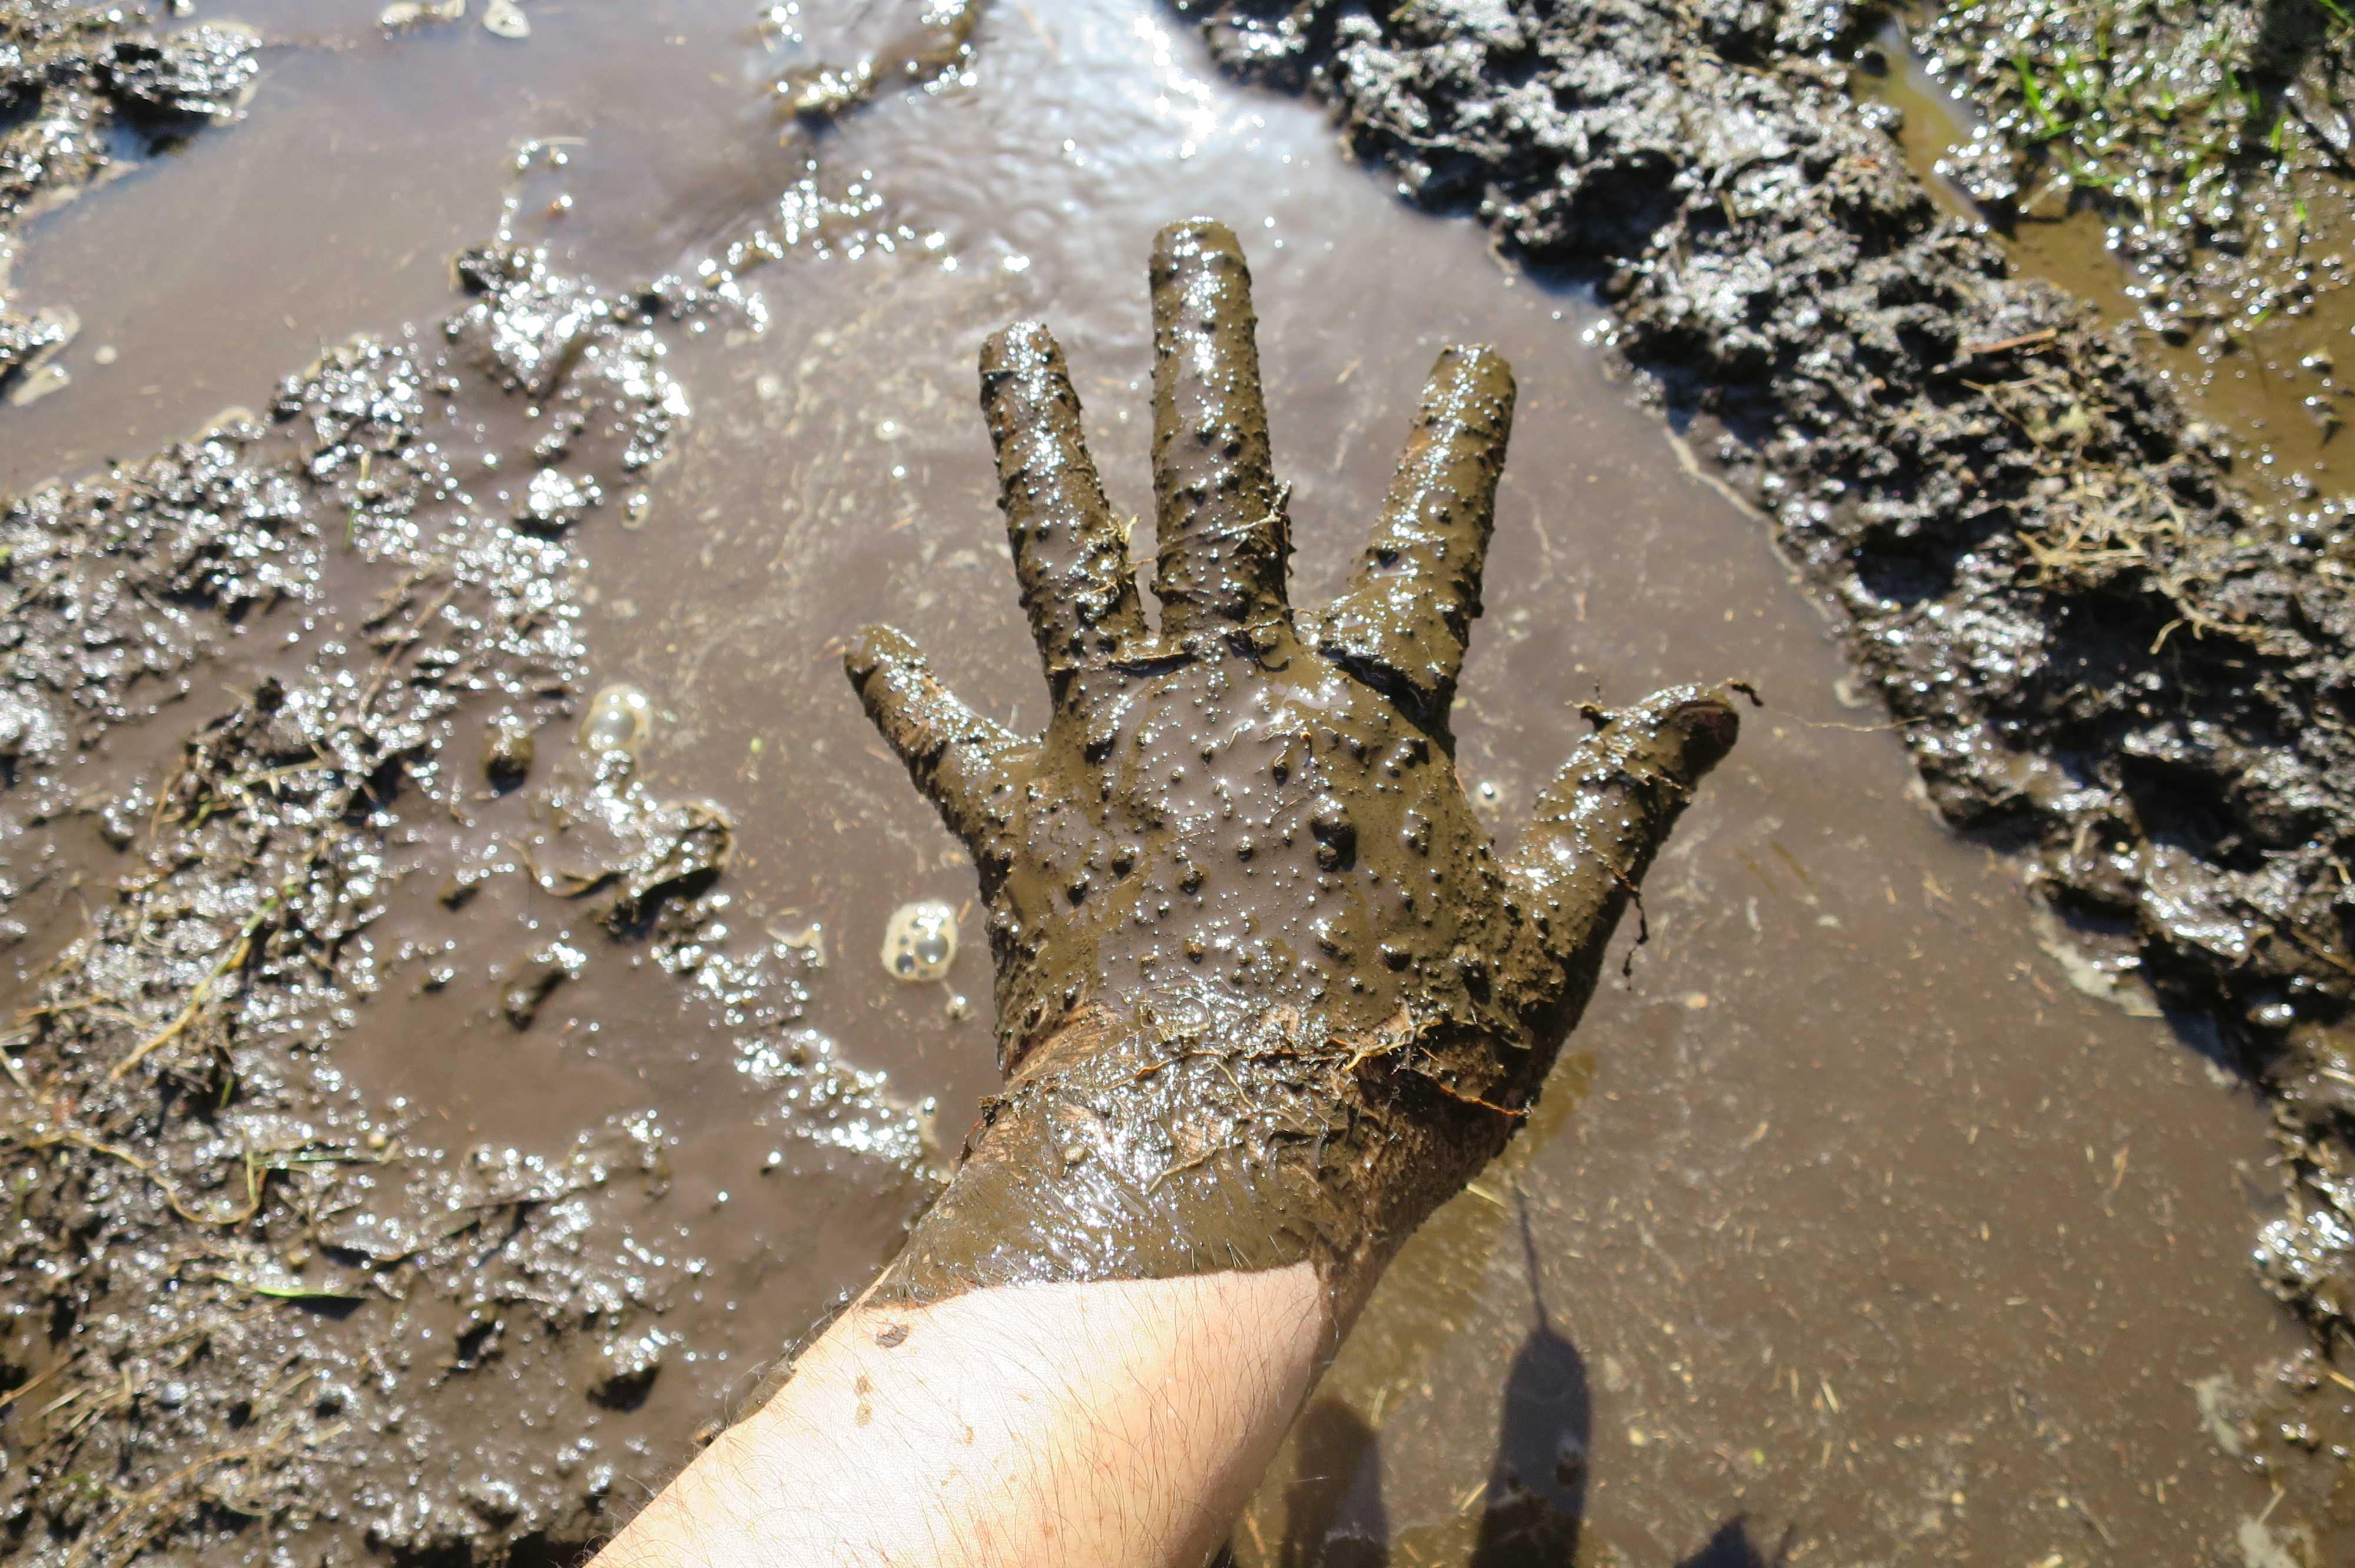 泥だらけの僕の左手